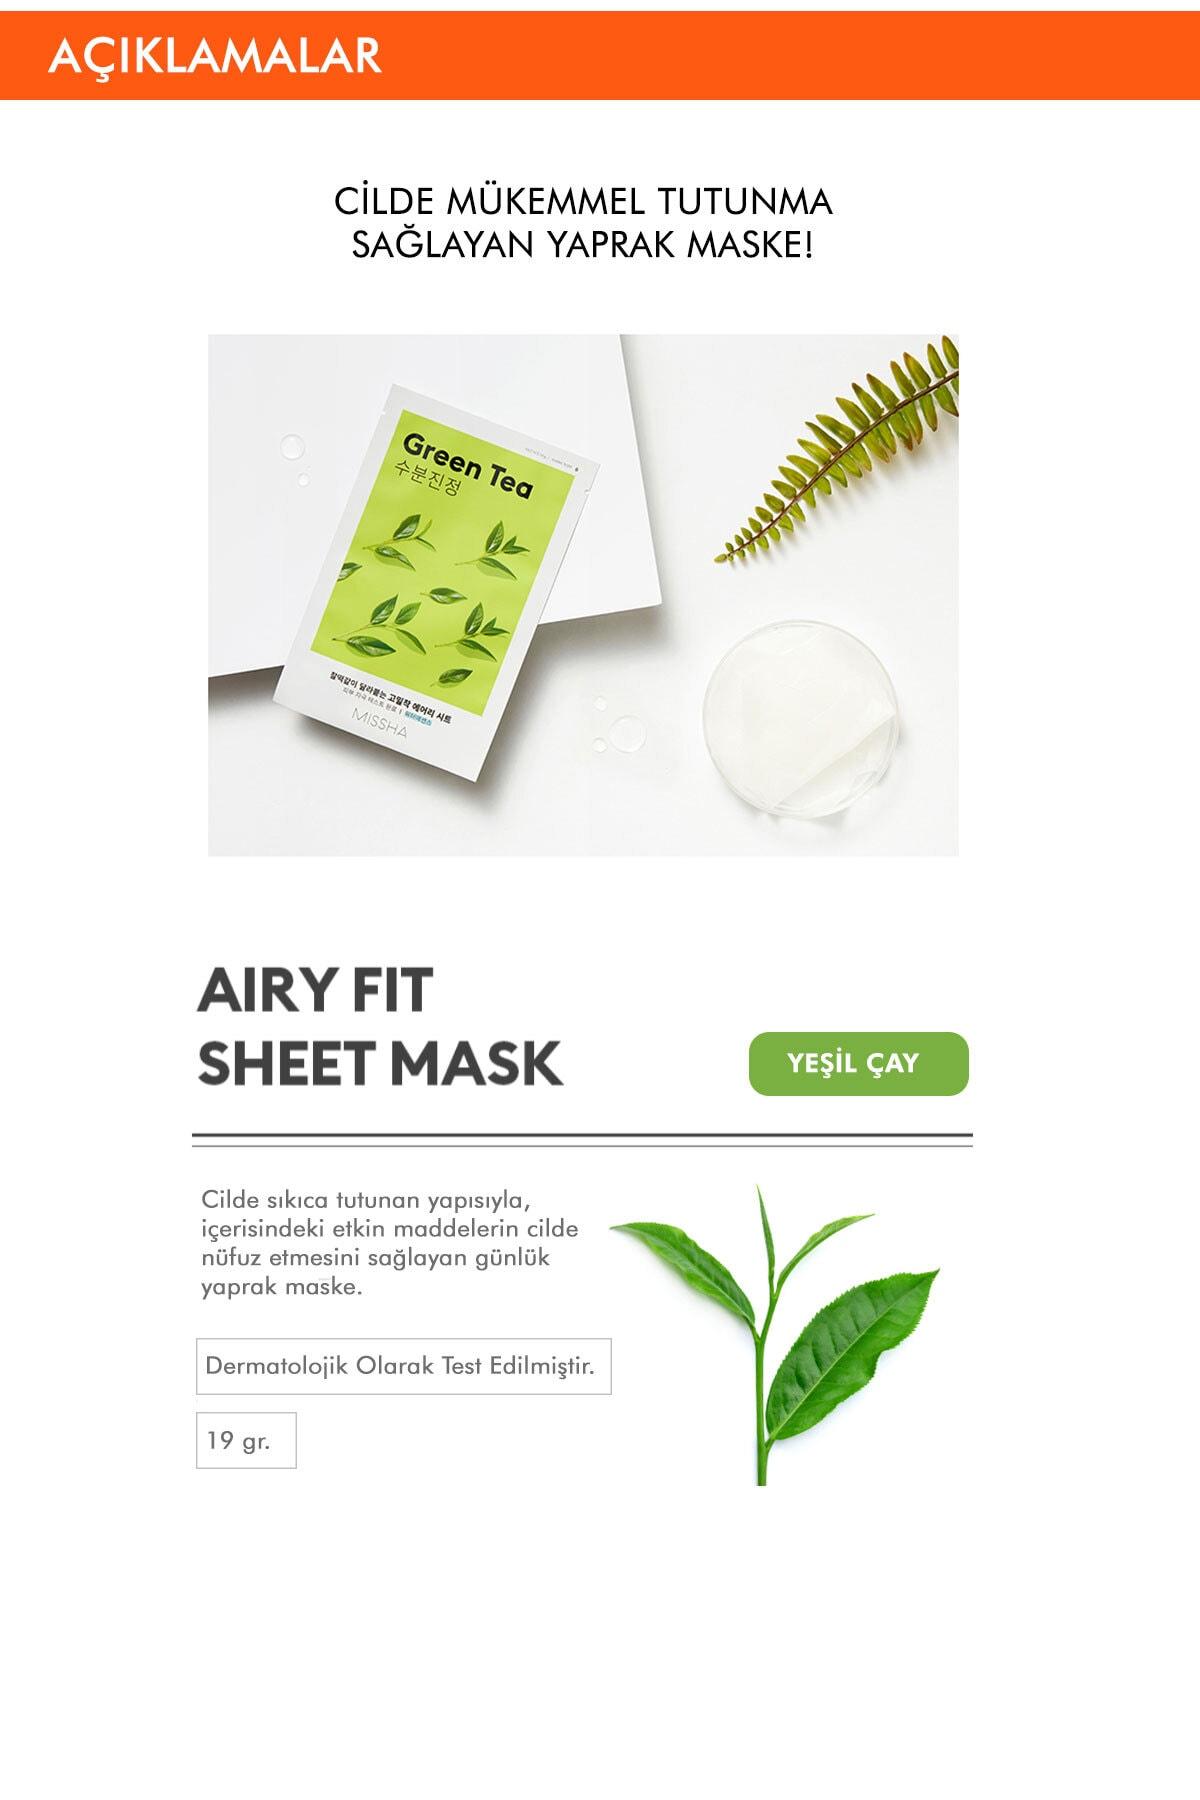 Missha Yeşil Çaylı Yatıştırıcı ve Nemlendirici Yaprak Maske (1ad) Airy Fit Sheet Mask Green Tea 1